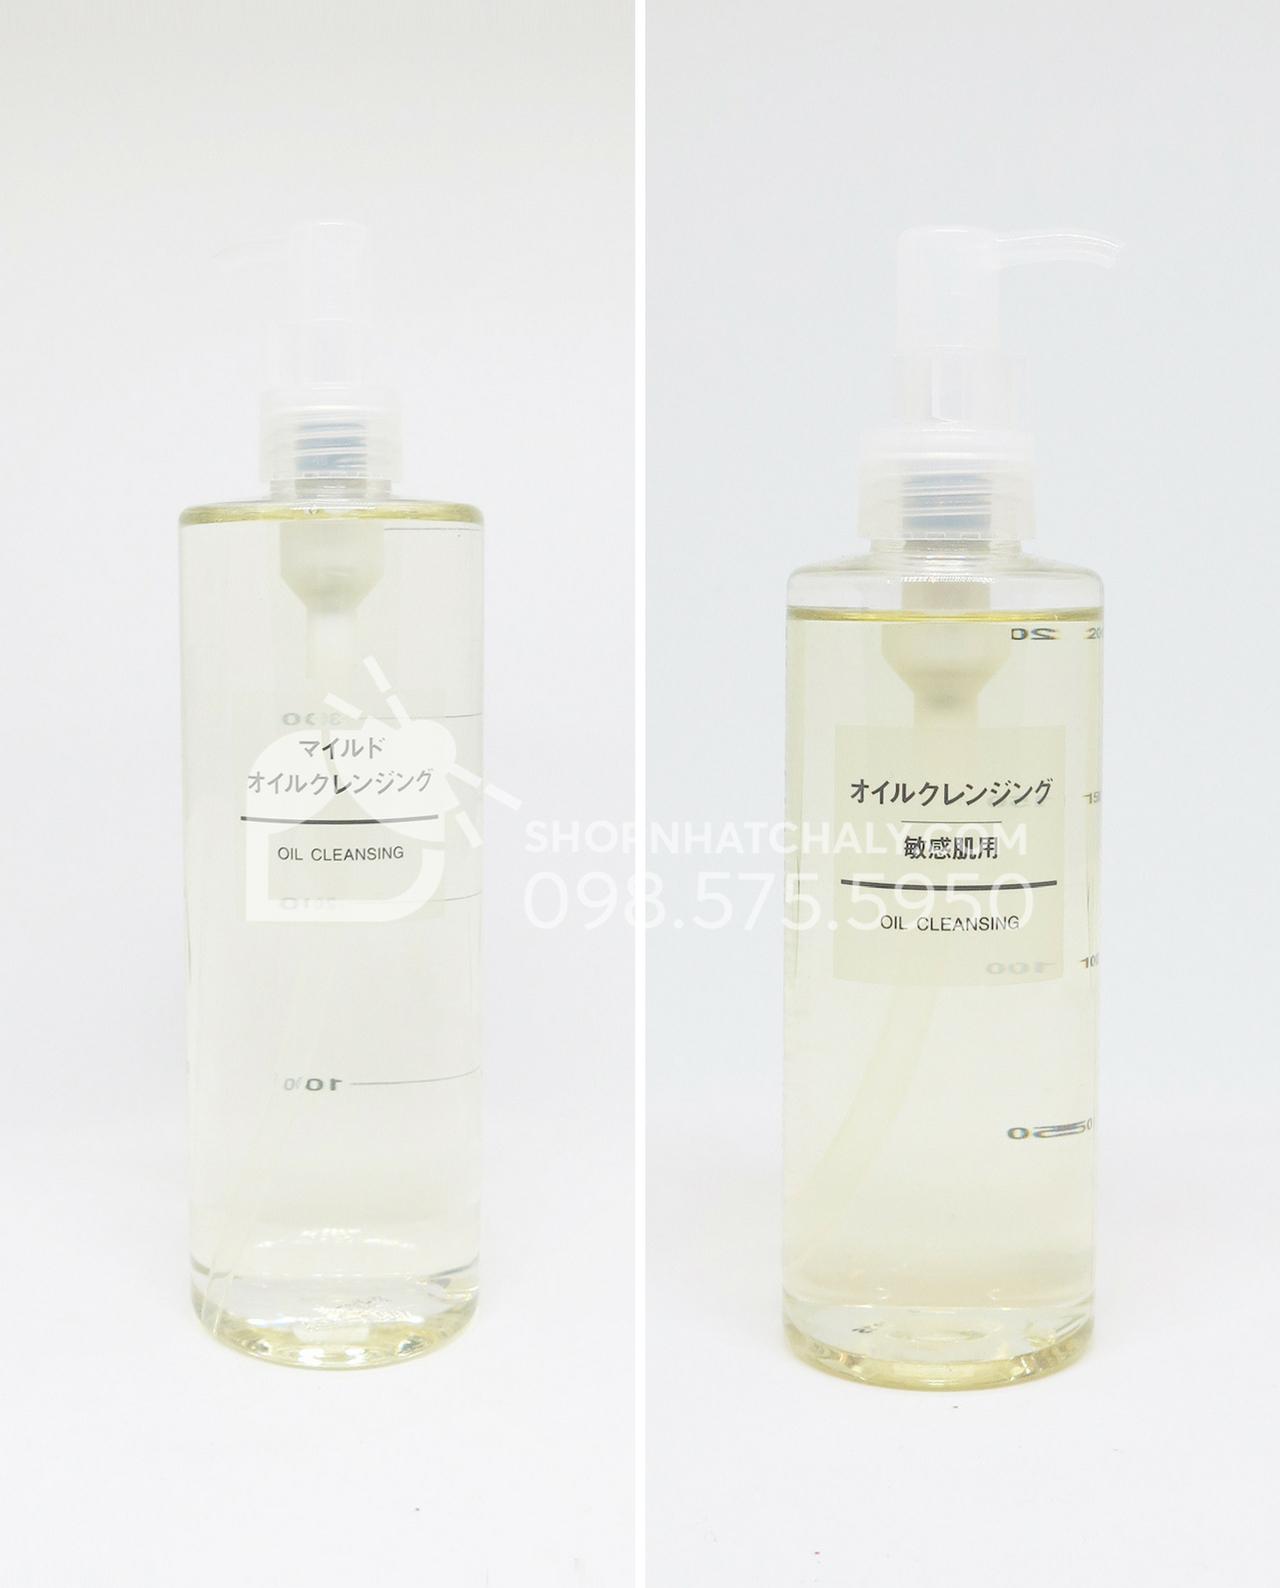 So sánh dầu tẩy trang Muji Mild Cleansing và dầu tẩy trang cho da nhạy cảm Muji Sensitive Oil Cleansing